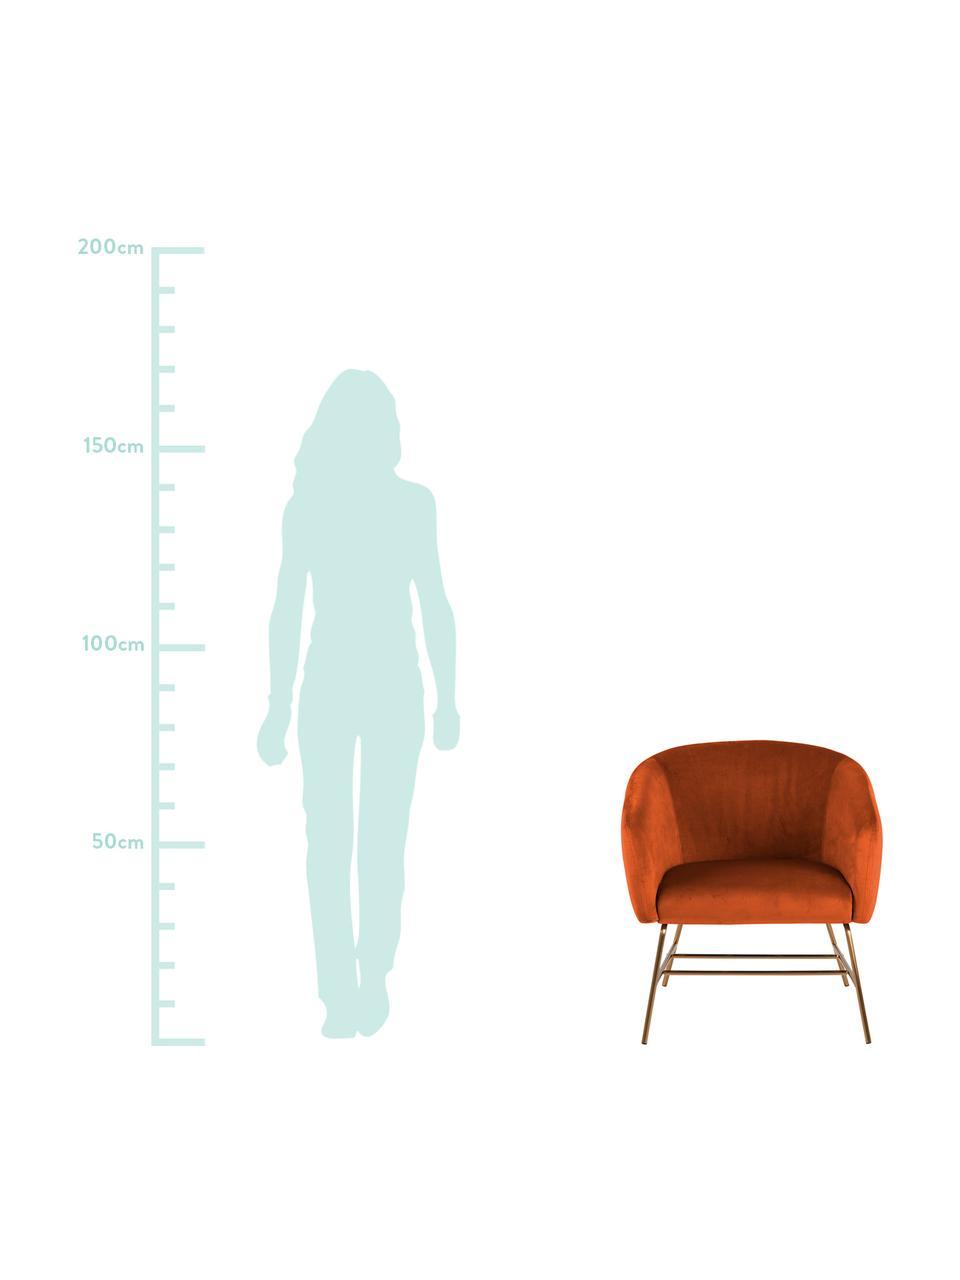 Fotel koktajlowy z aksamitu Ramsey, Tapicerka: aksamit poliestrowy Dzięk, Nogi: metal lakierowany, Aksamitny w odcieniach miedzi, S 72 x G 67 cm